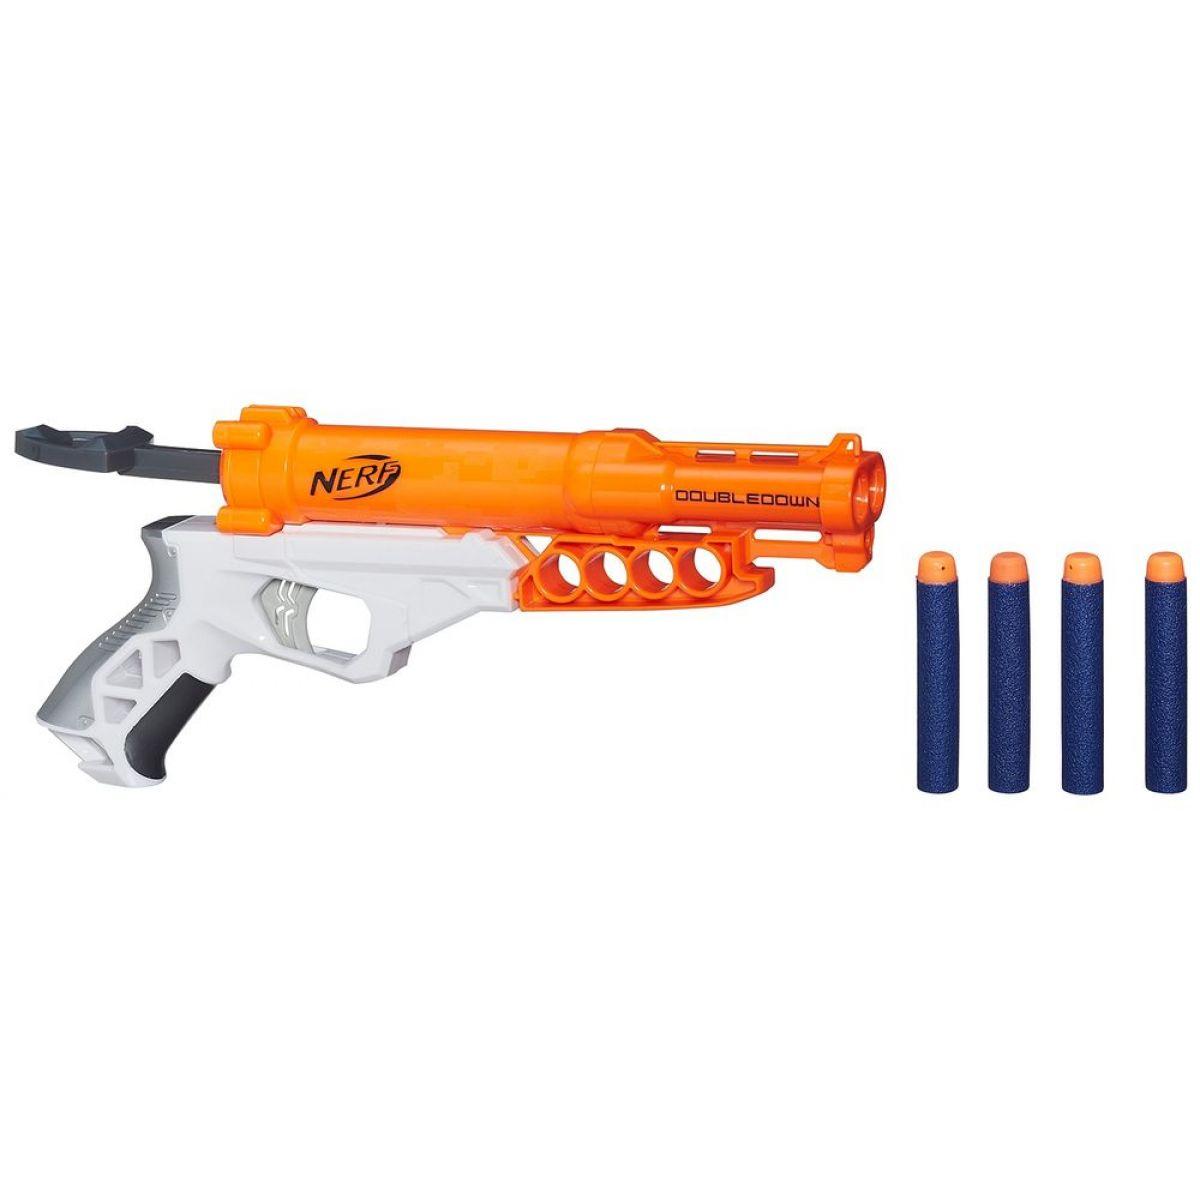 Nerf N-Strike Elite Dvouhlavňová pistole s 6 módy